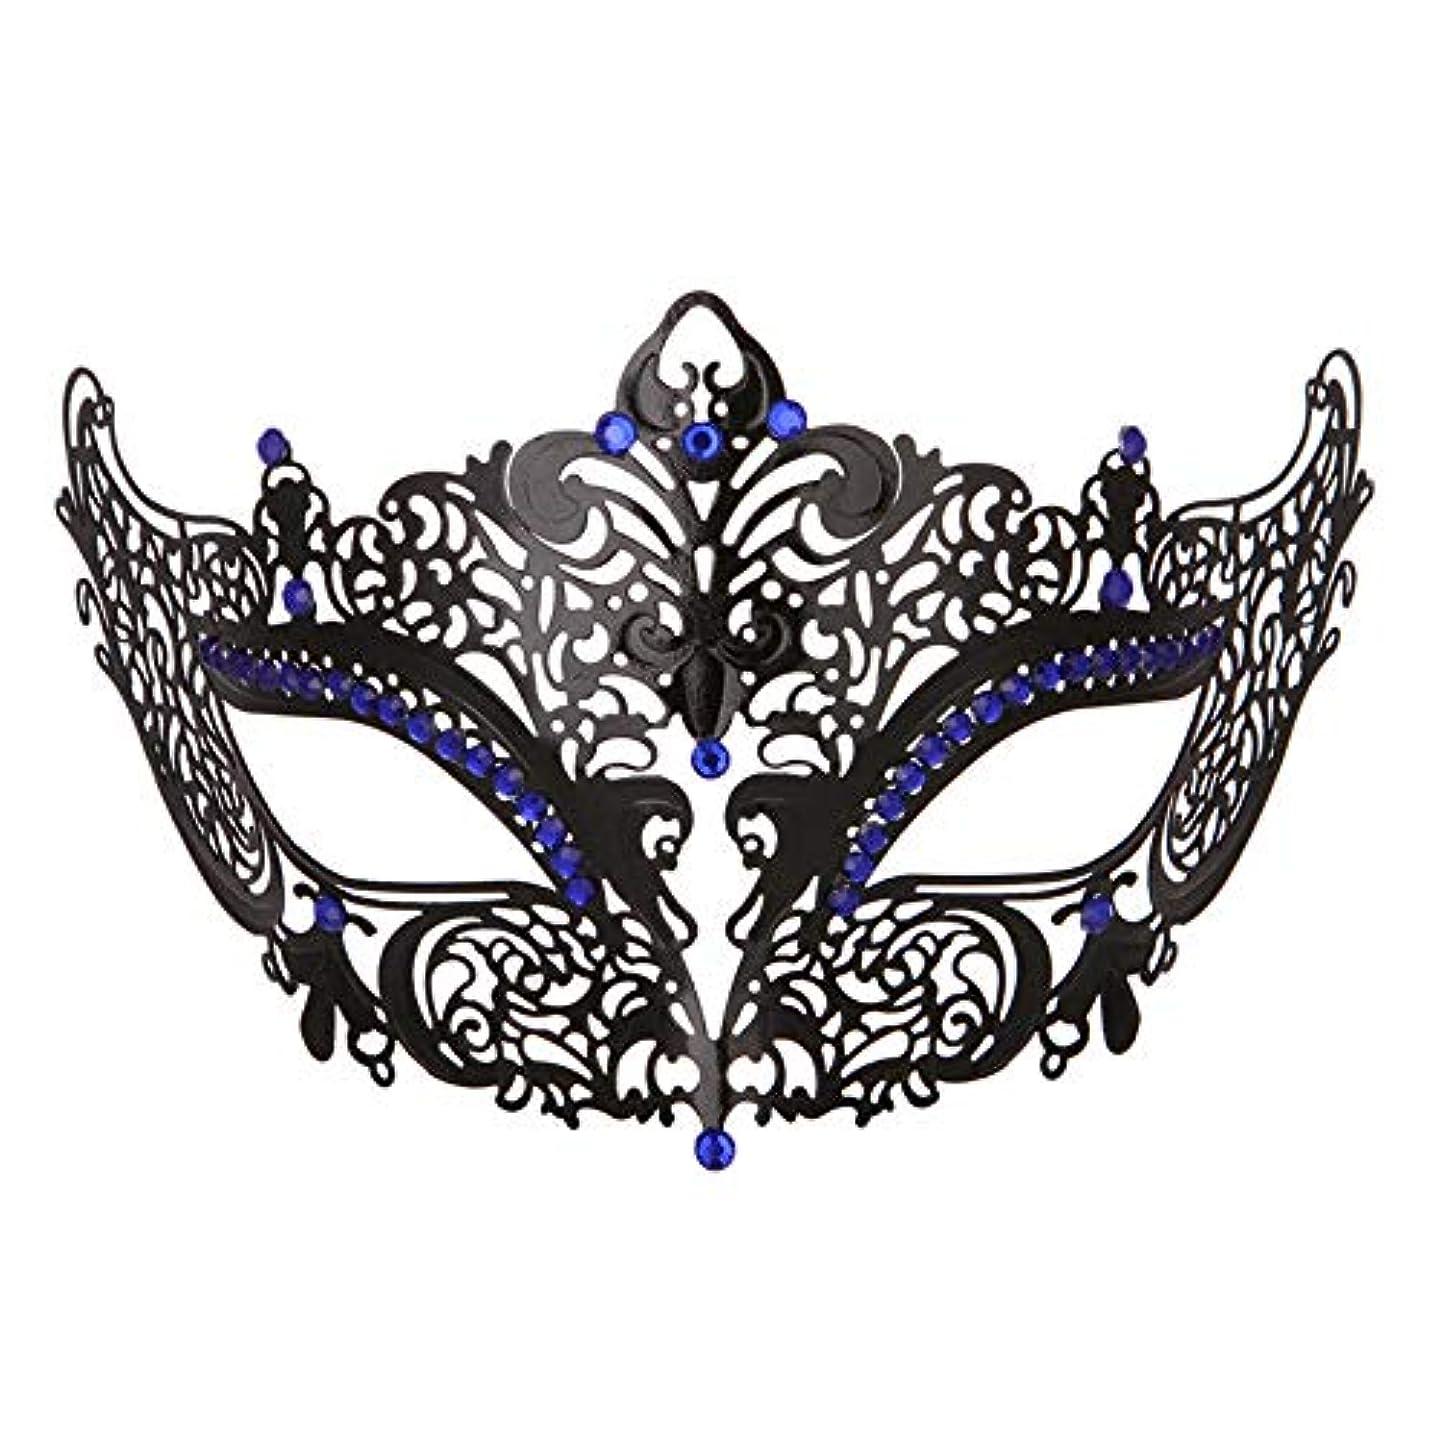 行動苦難覚醒ダンスマスク 高級金属鉄マスク女性美少女中空ハーフフェイスファッションナイトクラブパーティー仮面舞踏会マスク ホリデーパーティー用品 (色 : 青, サイズ : 19x8cm)